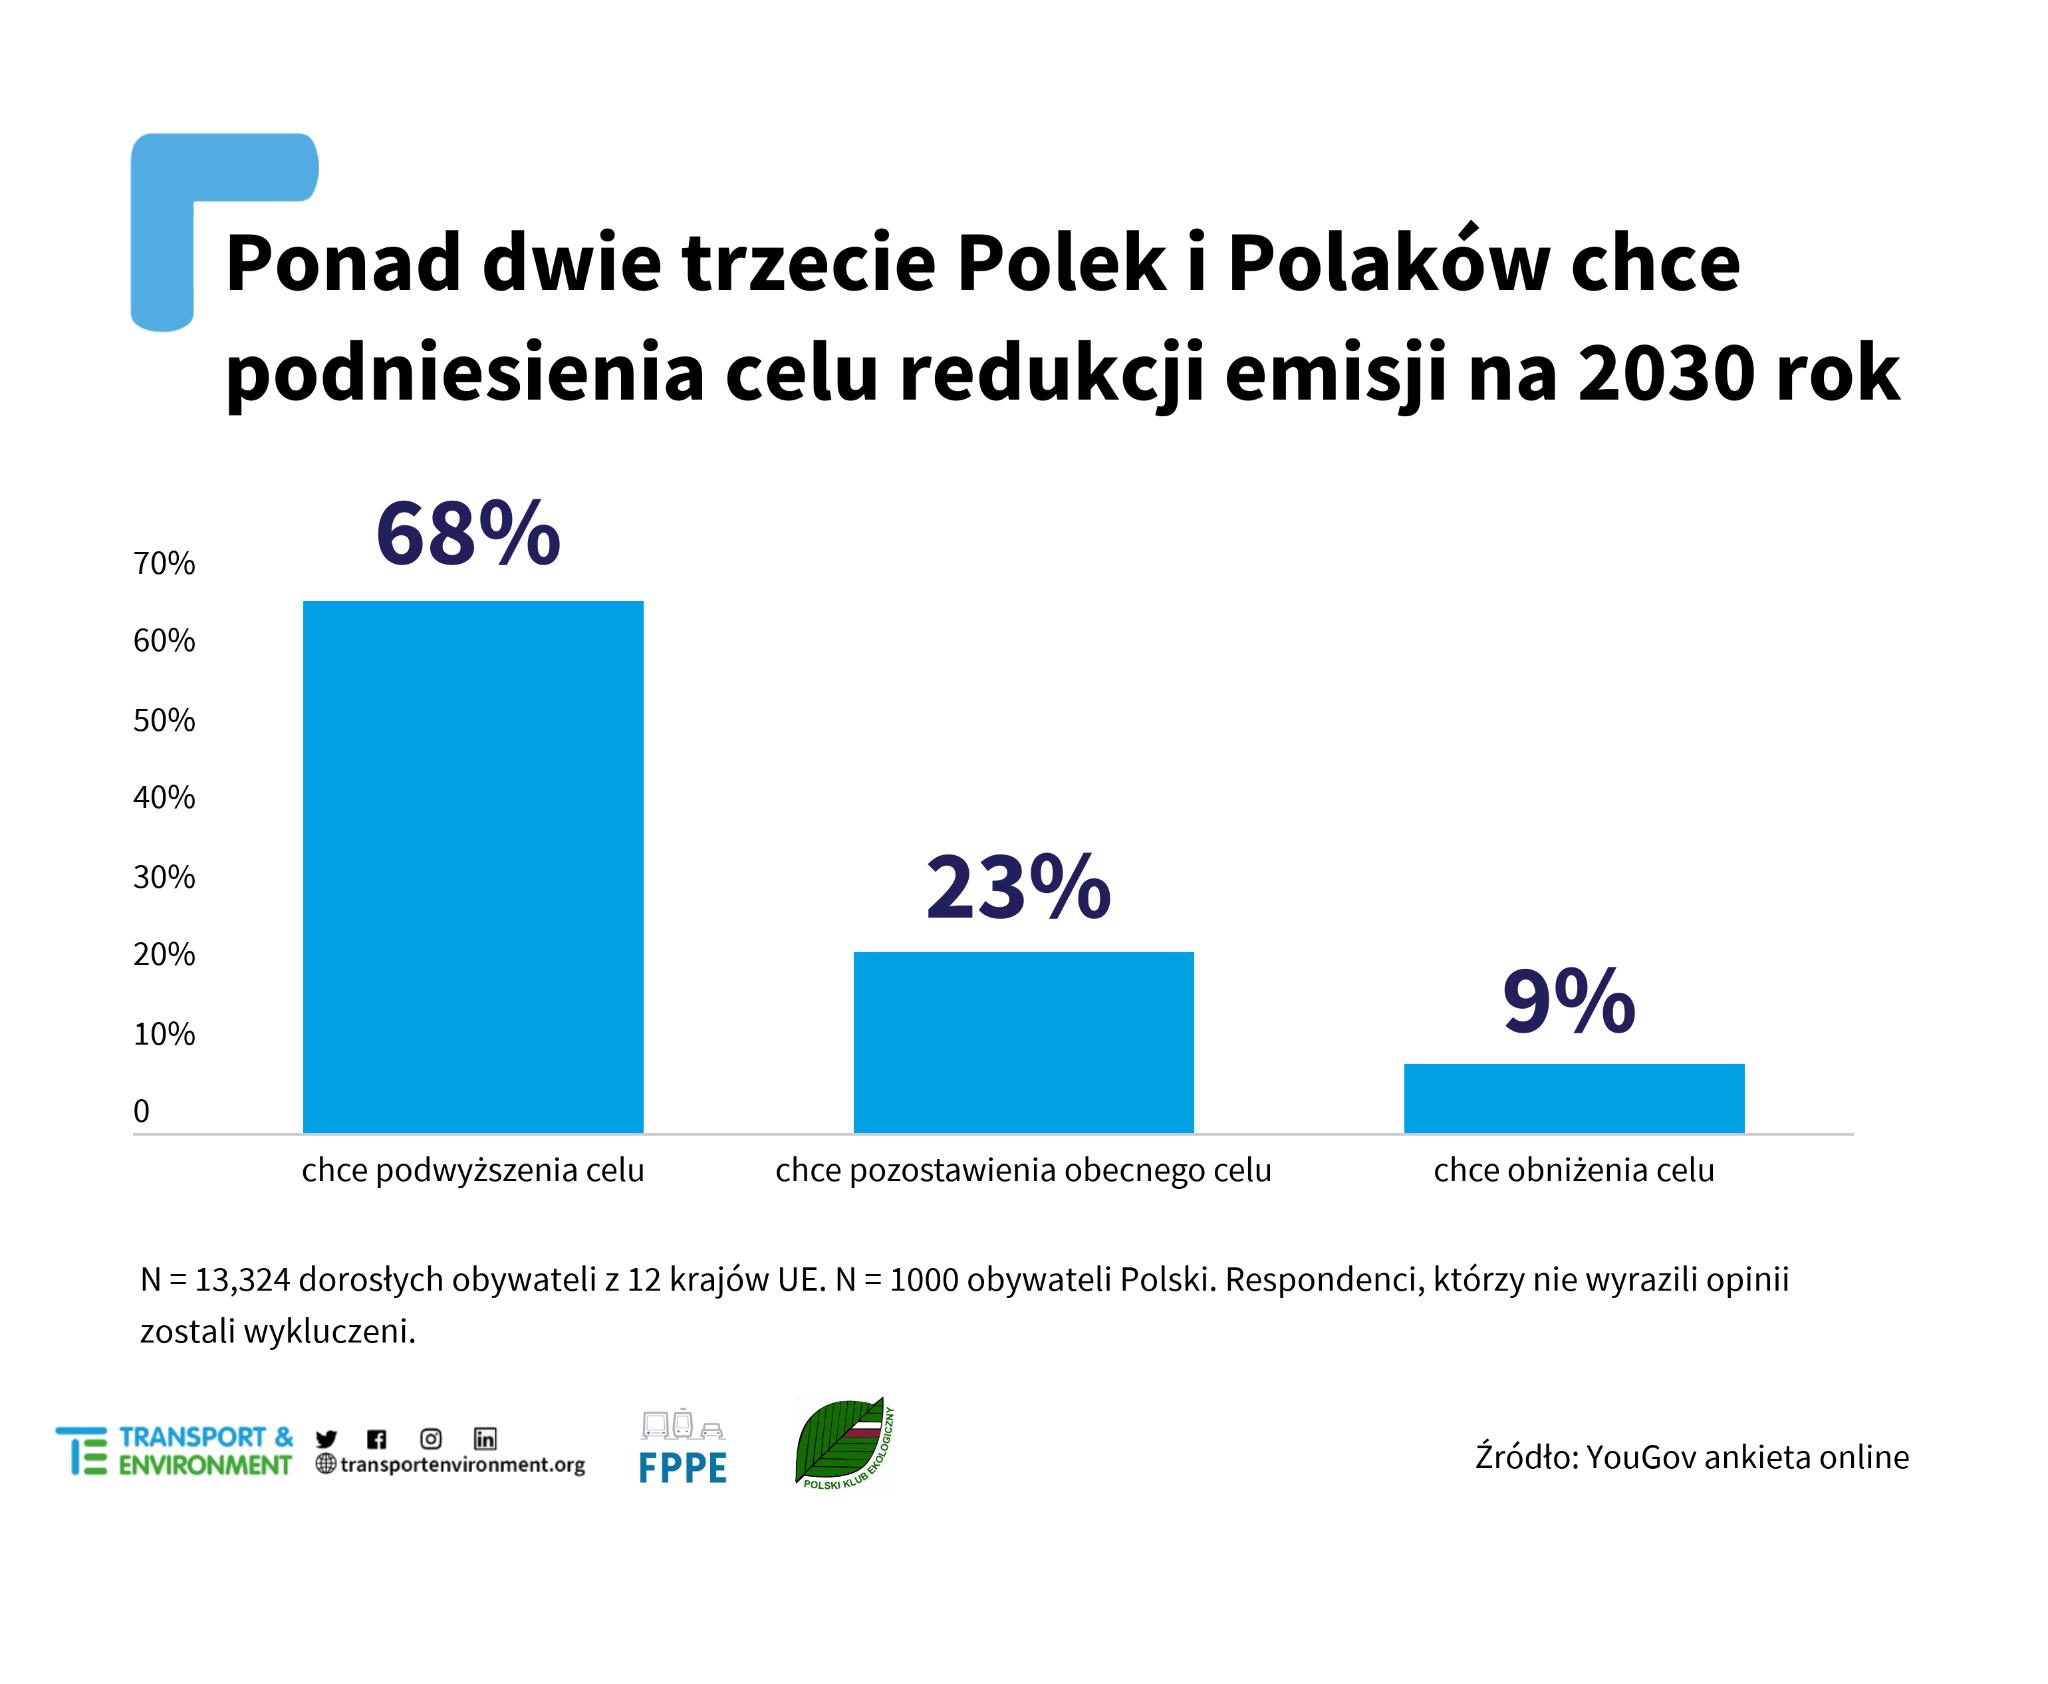 ponad dwie trzecie Polek iPolaków chce podniesienia celu redukcji emisji narok 2030